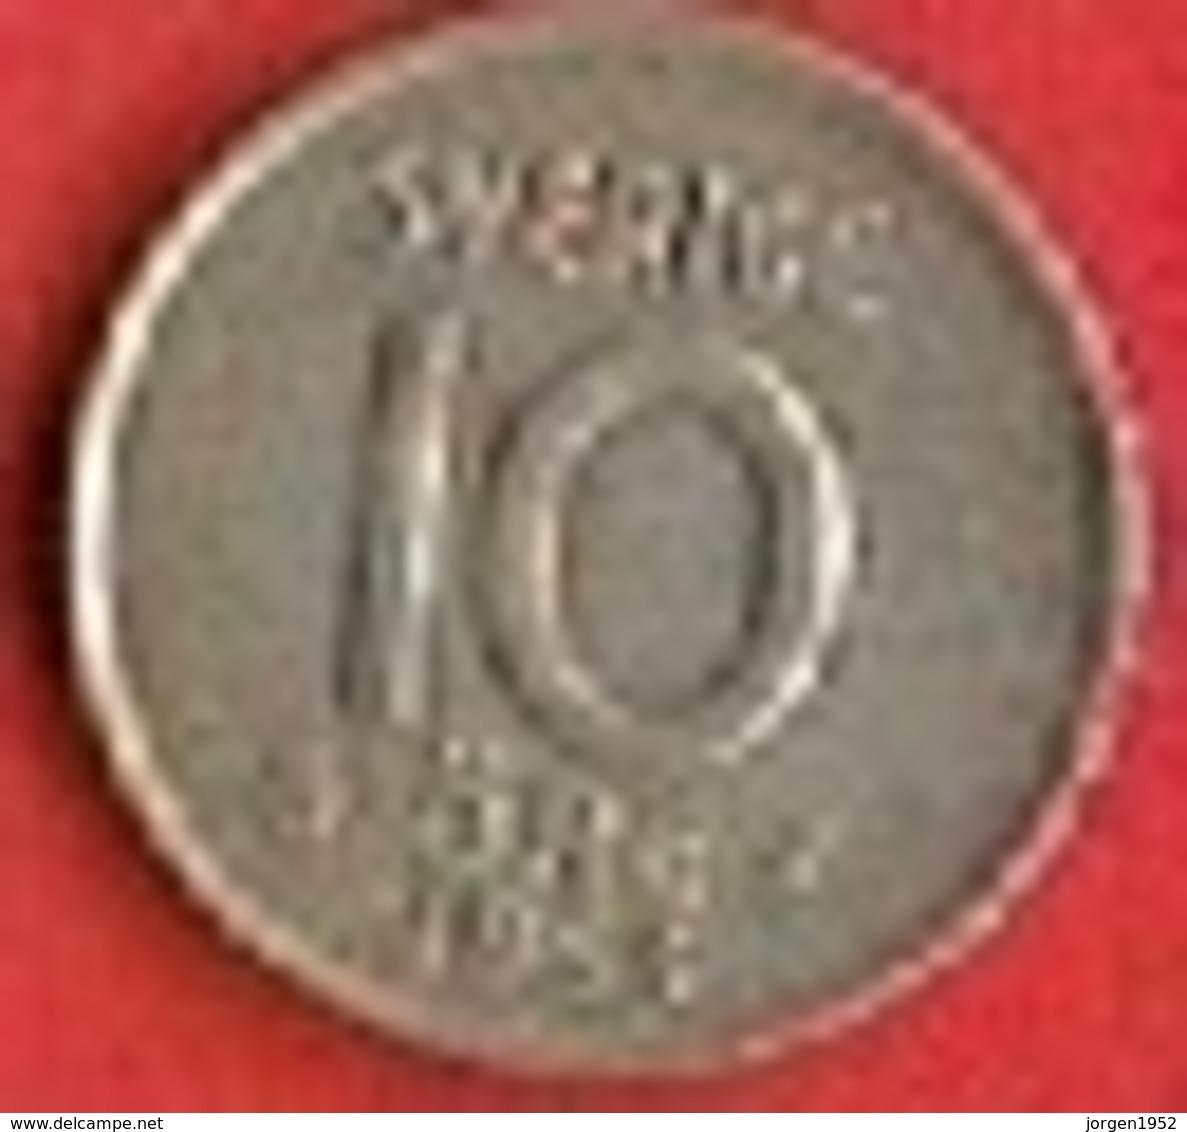 SWEDEN # 10 ØRE  FRA 1953 - Suède